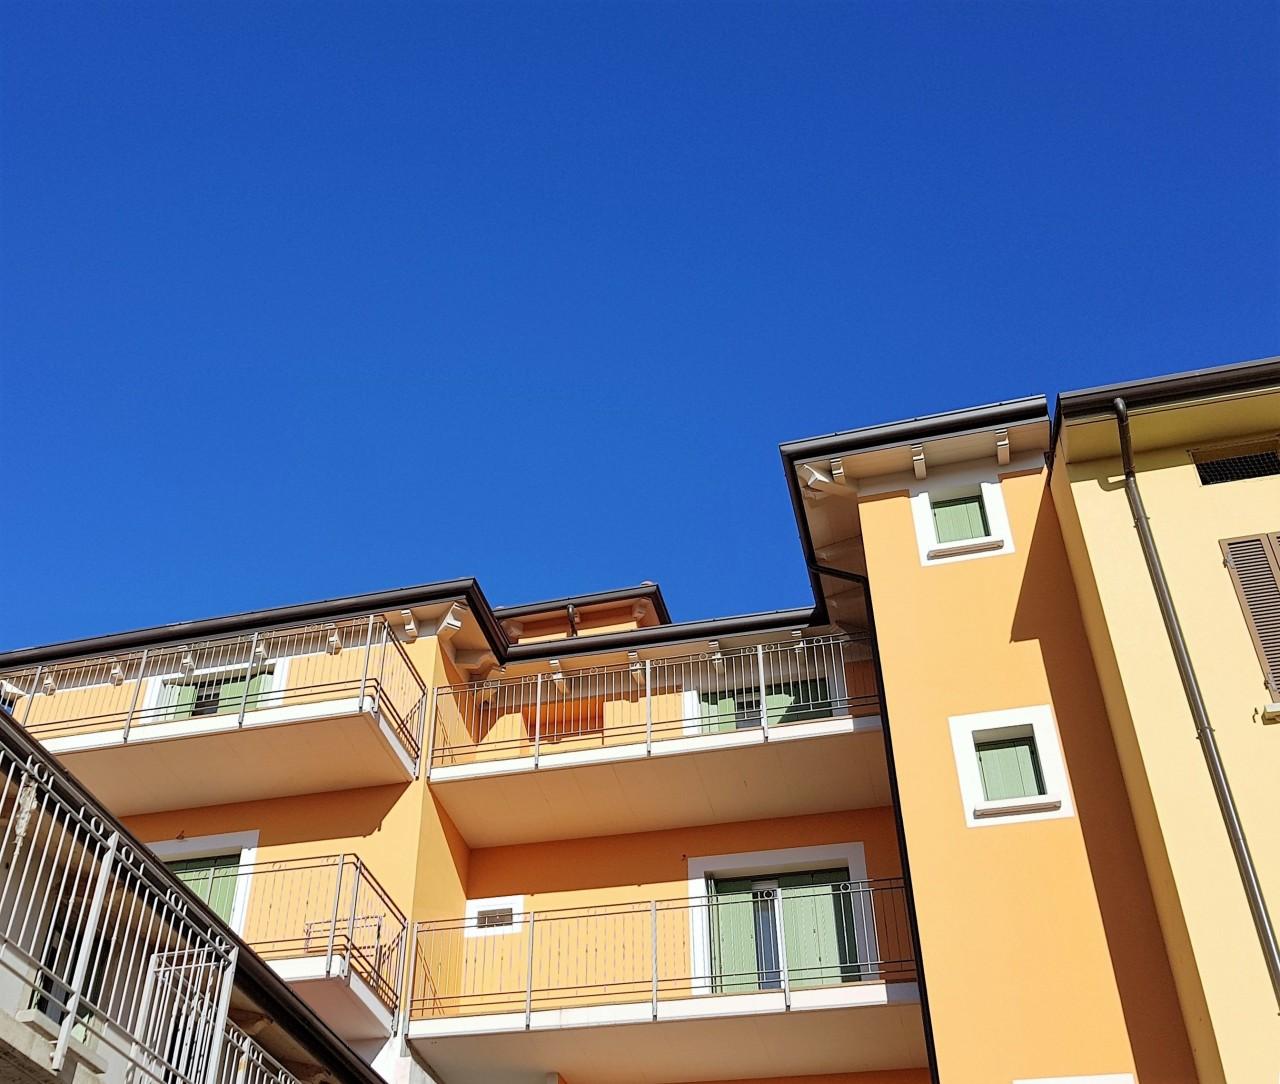 Appartamento in vendita a Brescia, 2 locali, prezzo € 116.000 | PortaleAgenzieImmobiliari.it